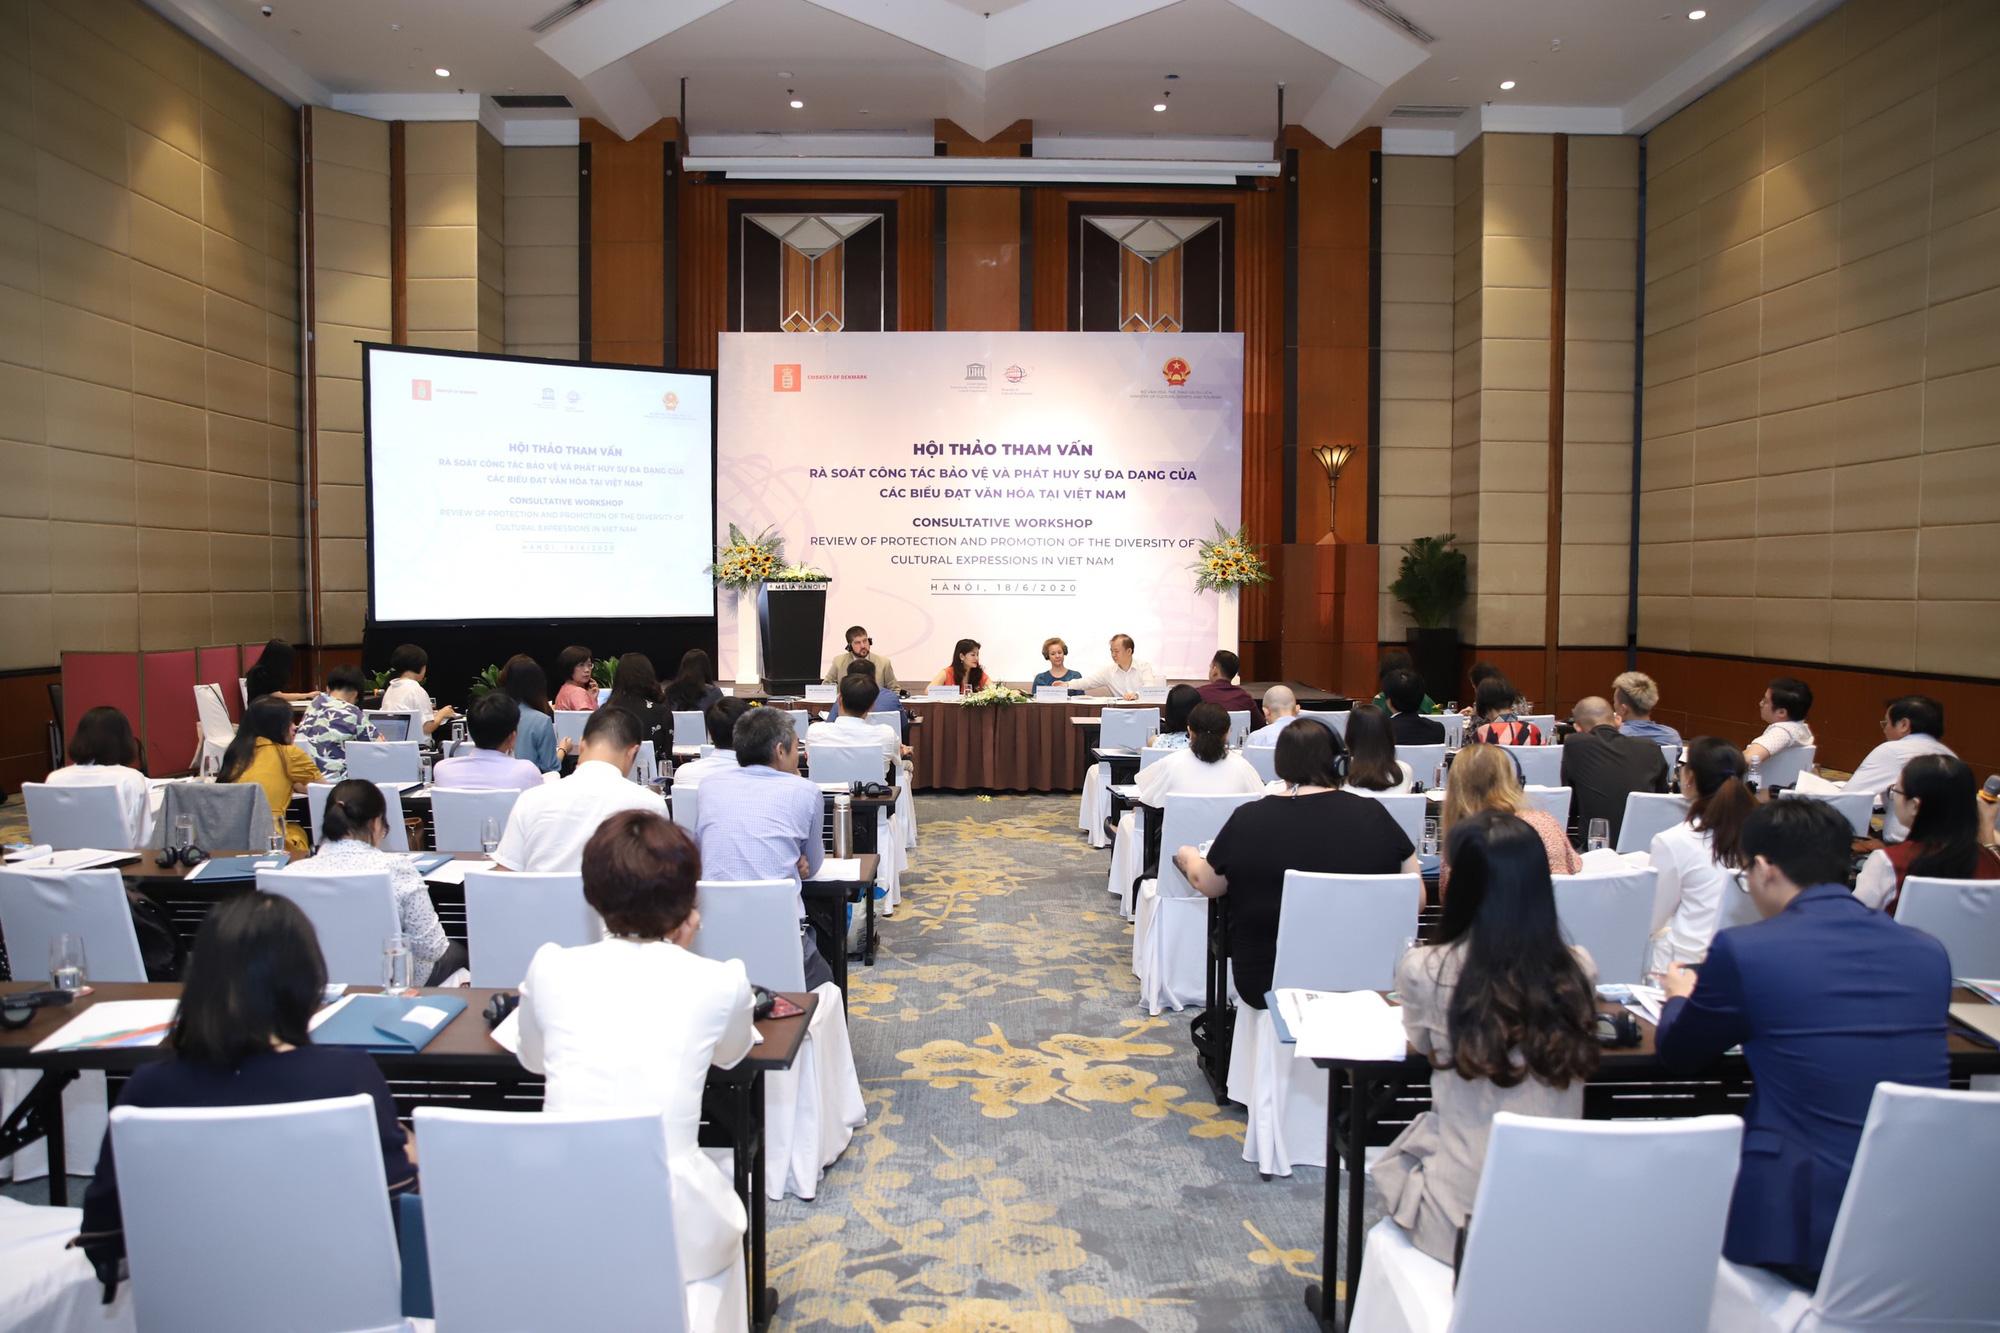 Bộ VHTTDL tham vấn về rà soát công tác bảo vệ và phát huy sự đa dạng các biểu đạt văn hóa tại Việt Nam - Ảnh 2.